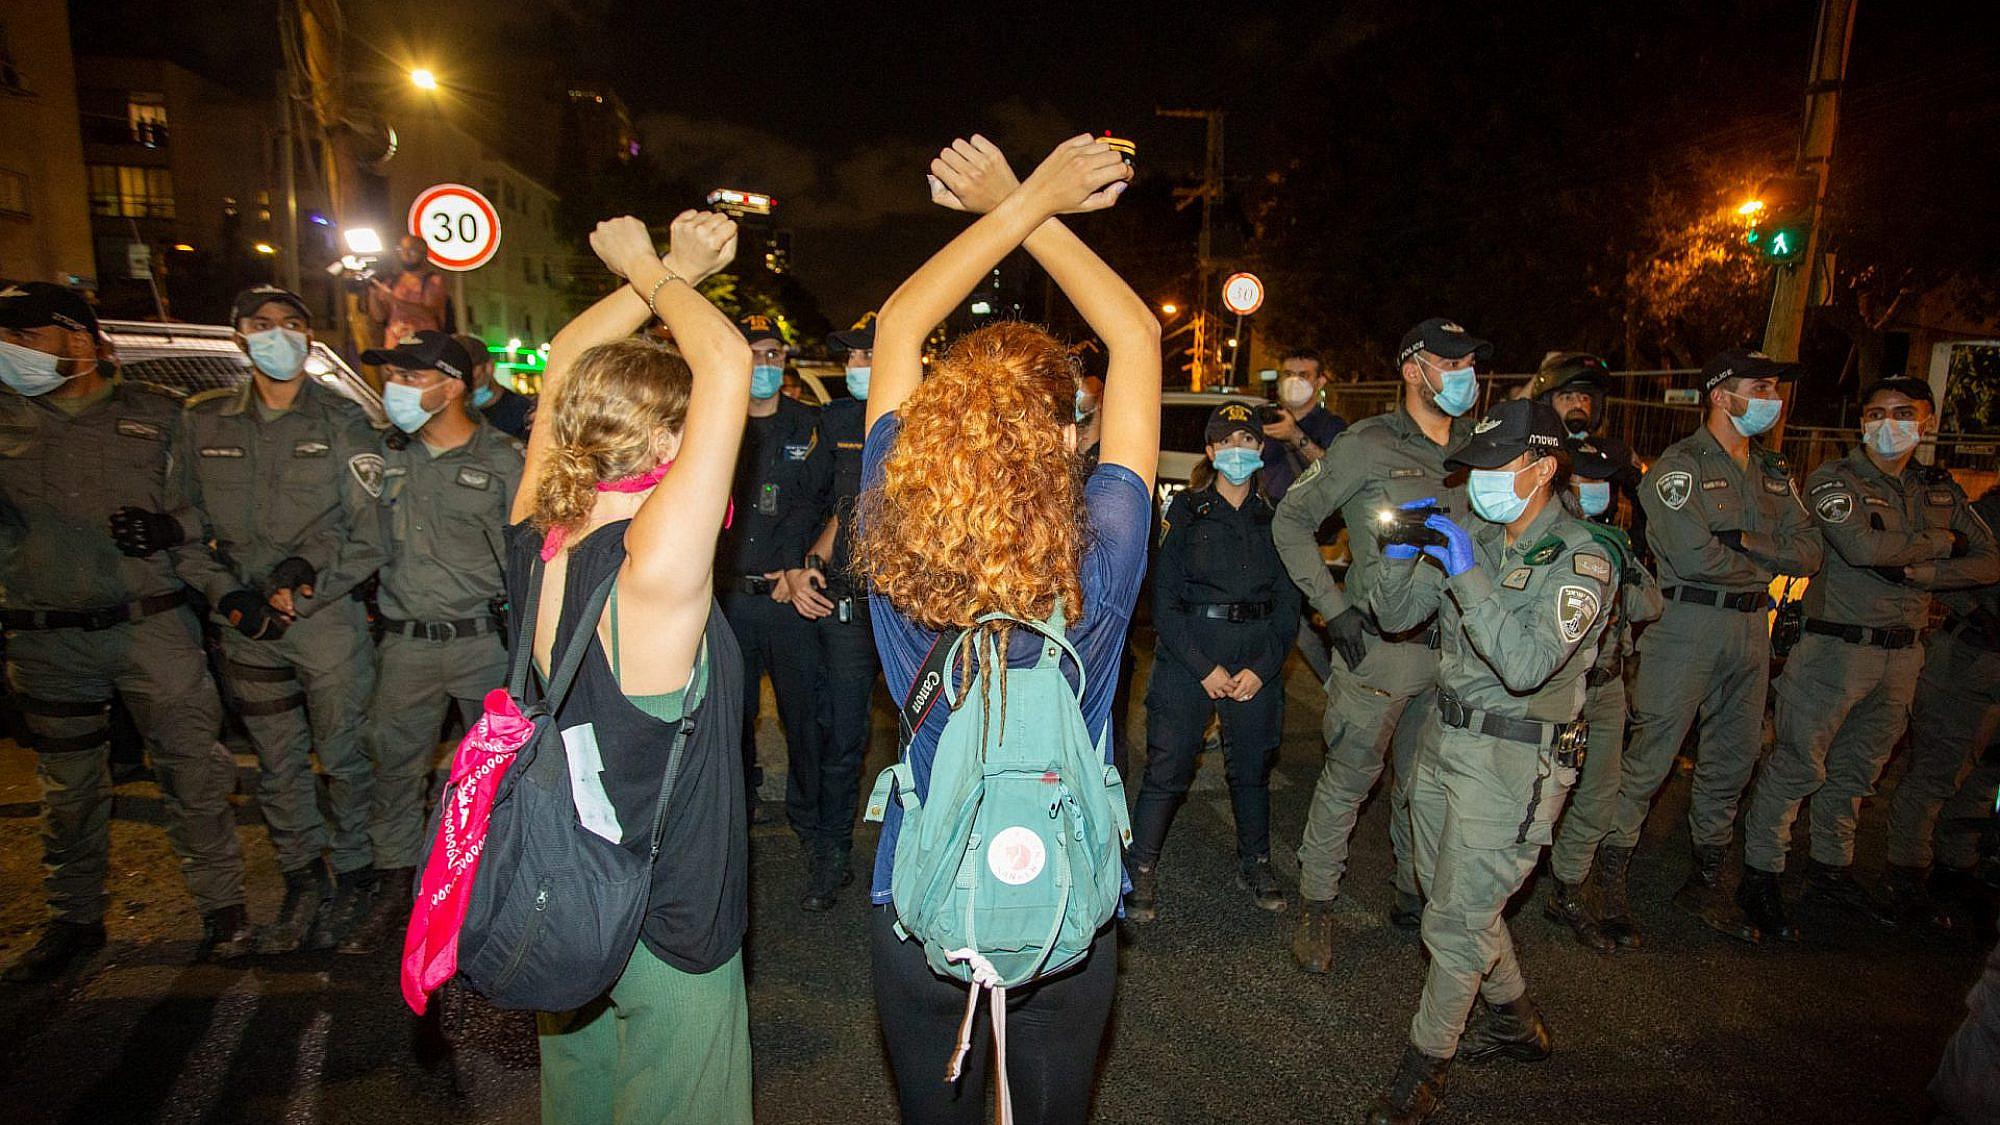 בדרך למהפכה עוצרים אותנו. שוטרים נגד אזרחים בהפגנה בתל אביב (צילום: שאטרסטוק)